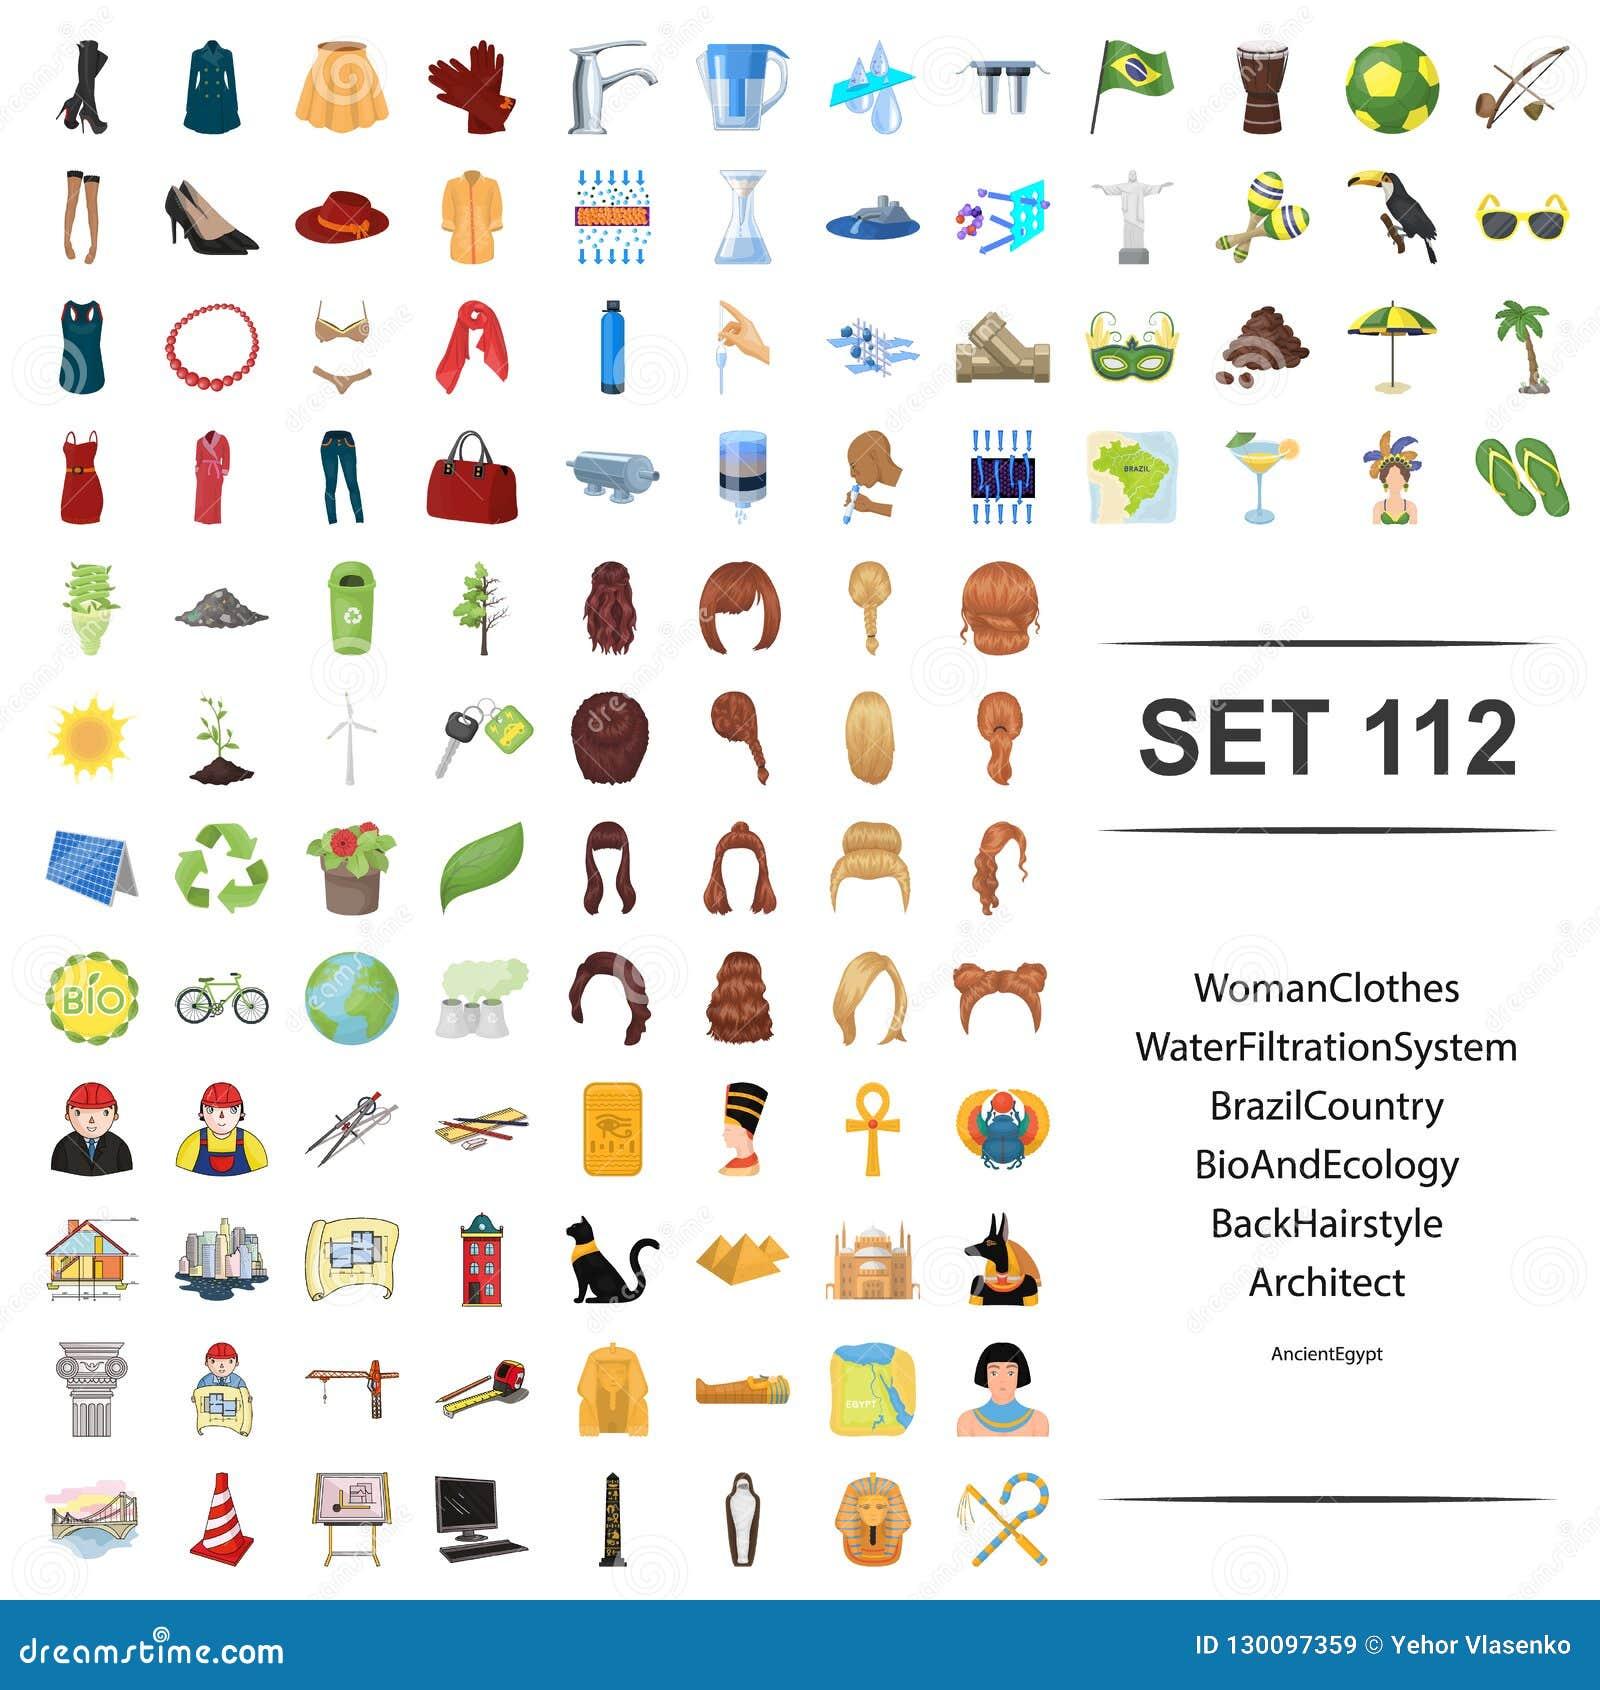 妇女,衣裳,水,滤清,系统,巴西,国家,生物生态后面发型建筑师的传染媒介例证